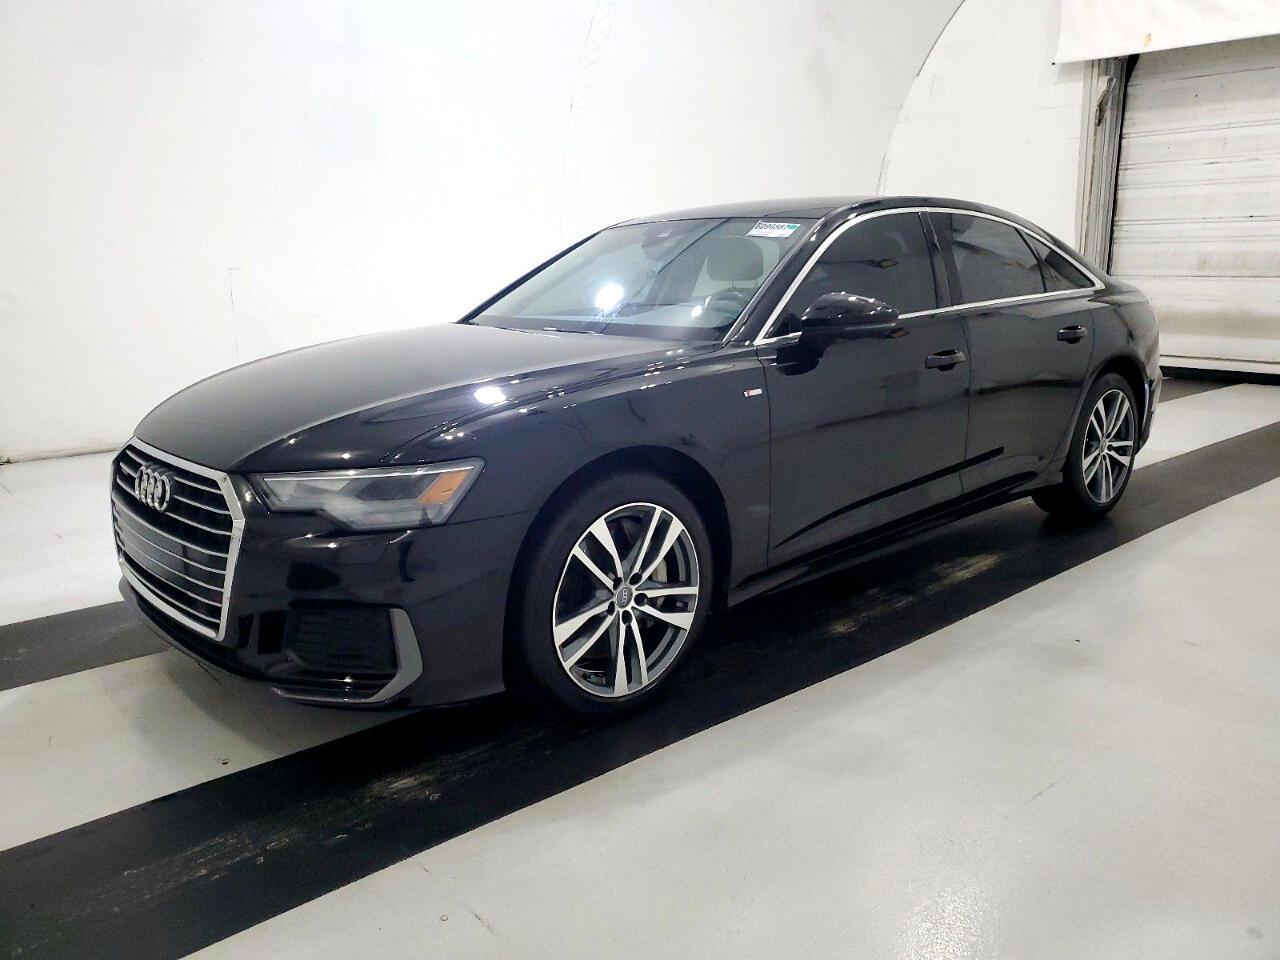 Audi A6 Premium 55 TFSI quattro 2019